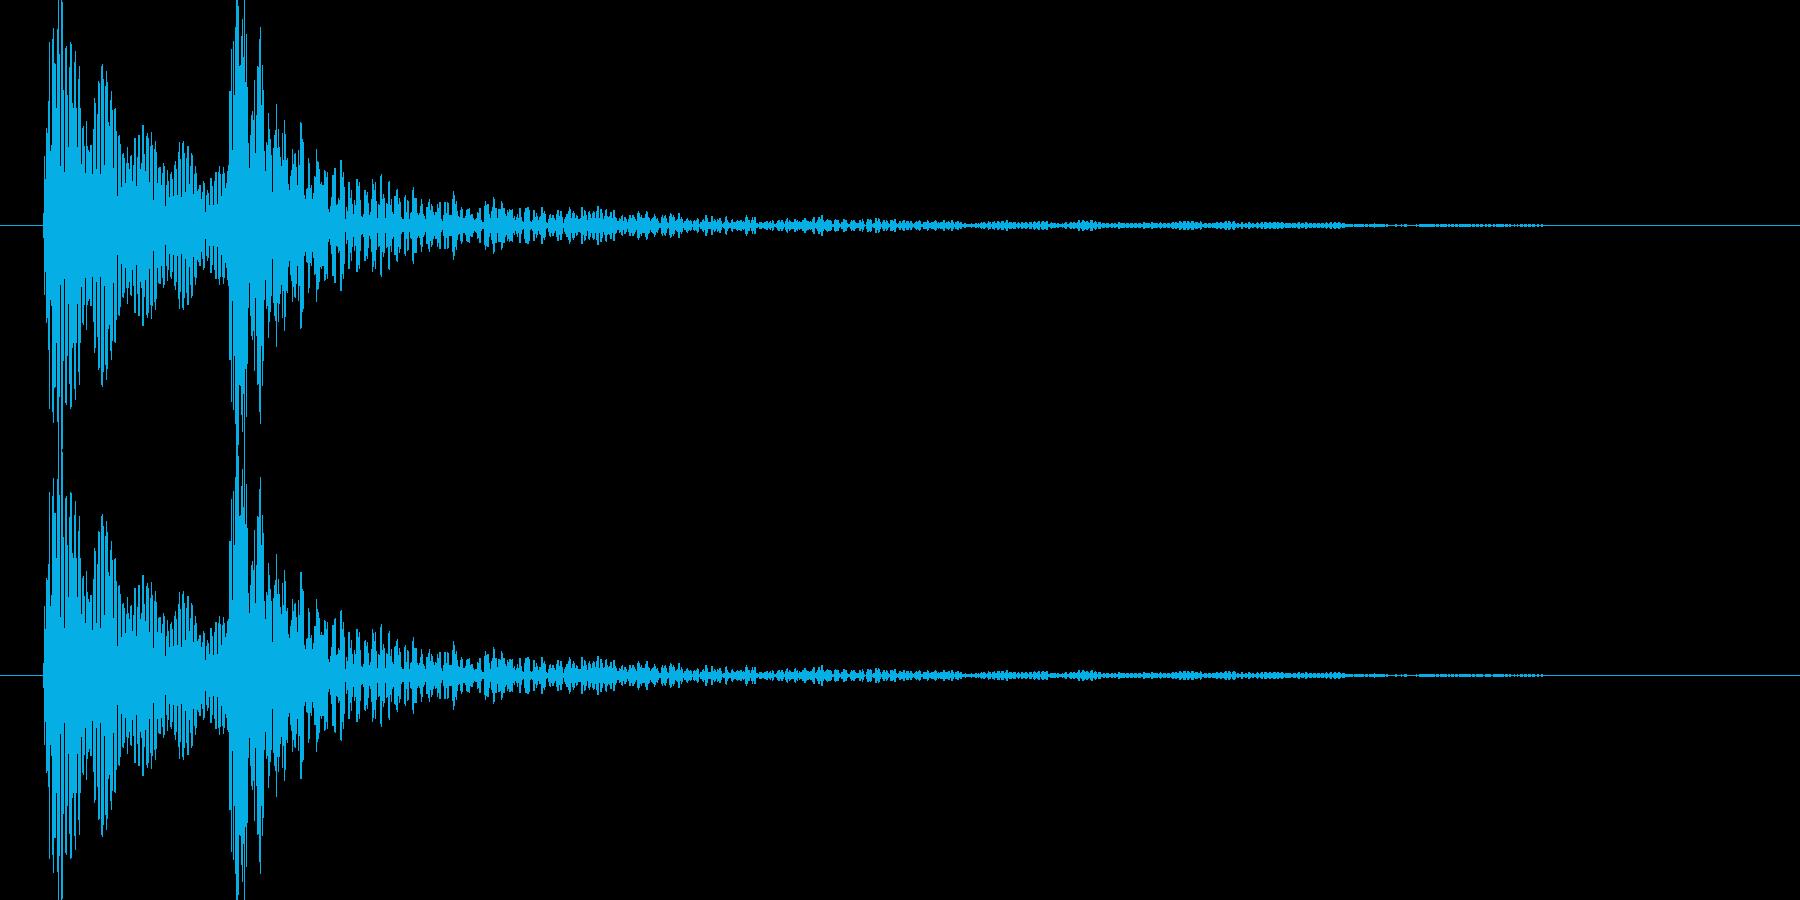 ポコ(ポコン)汎用的なクリック音(低音)の再生済みの波形